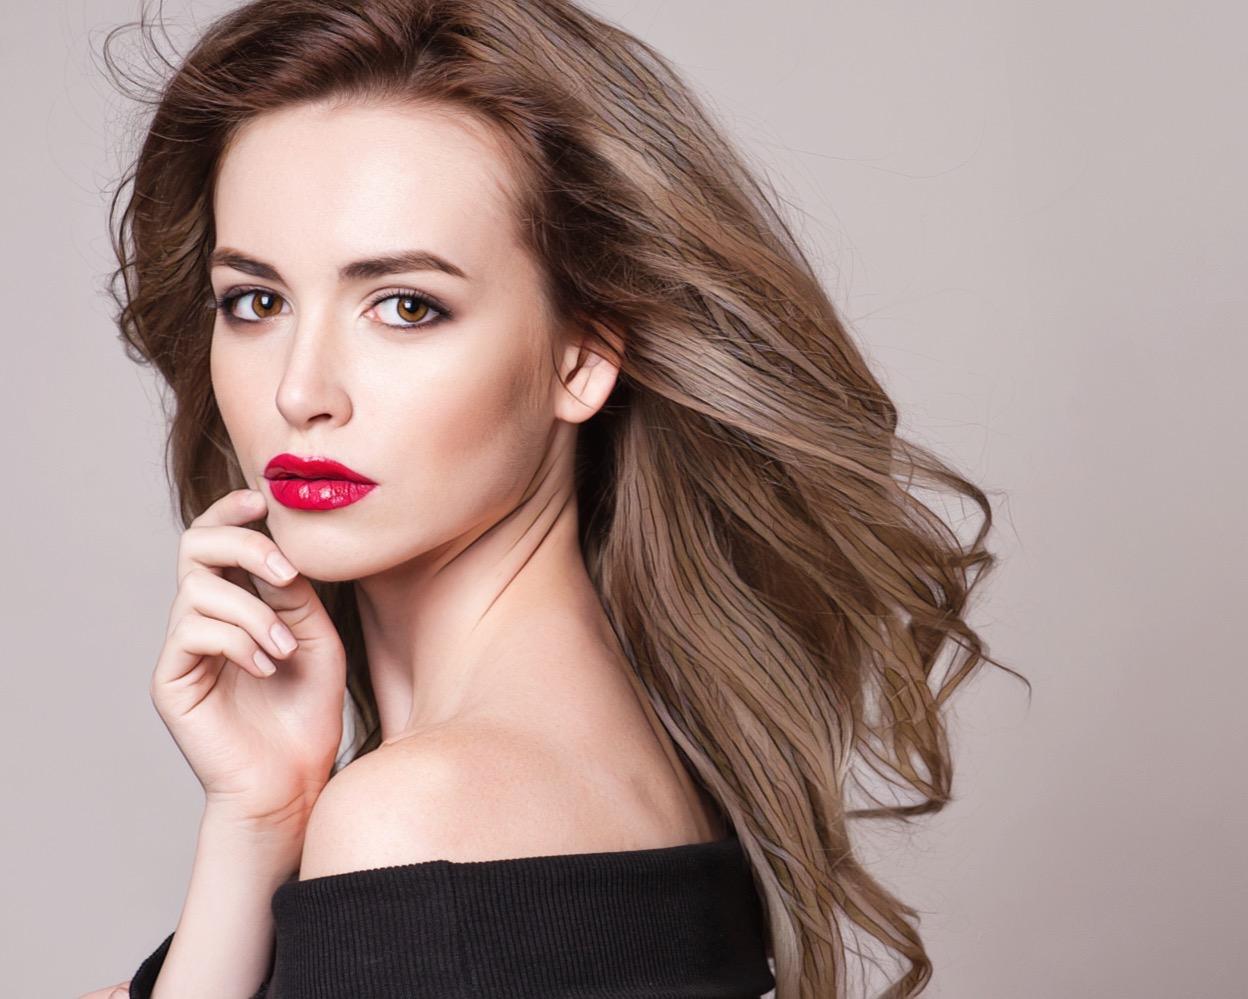 фото женщины с красными губами